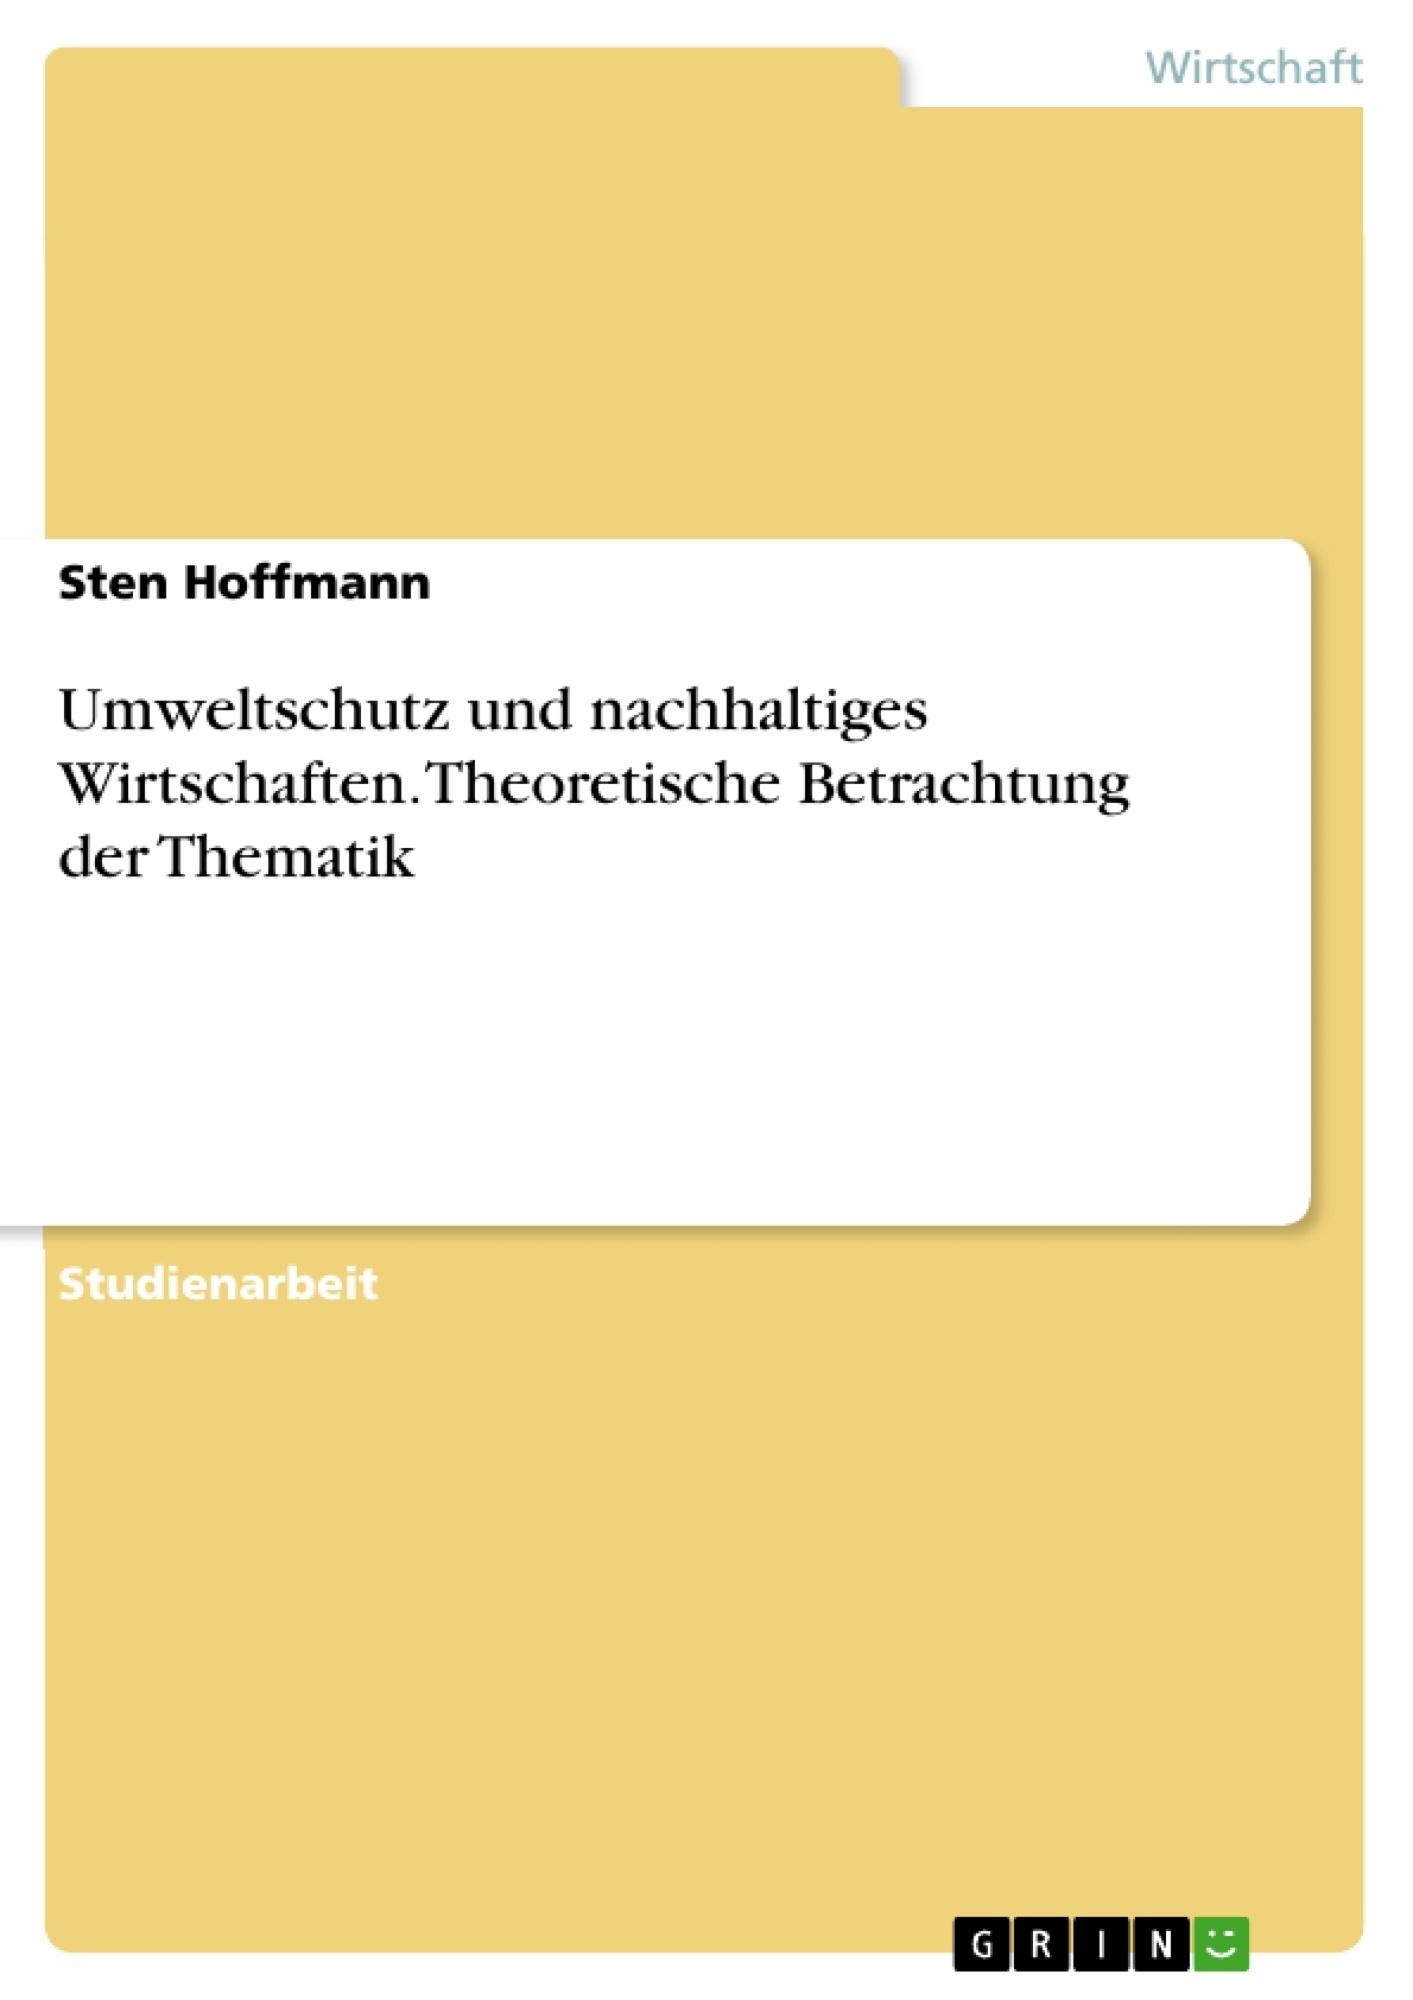 Titel: Umweltschutz und nachhaltiges Wirtschaften. Theoretische Betrachtung der Thematik